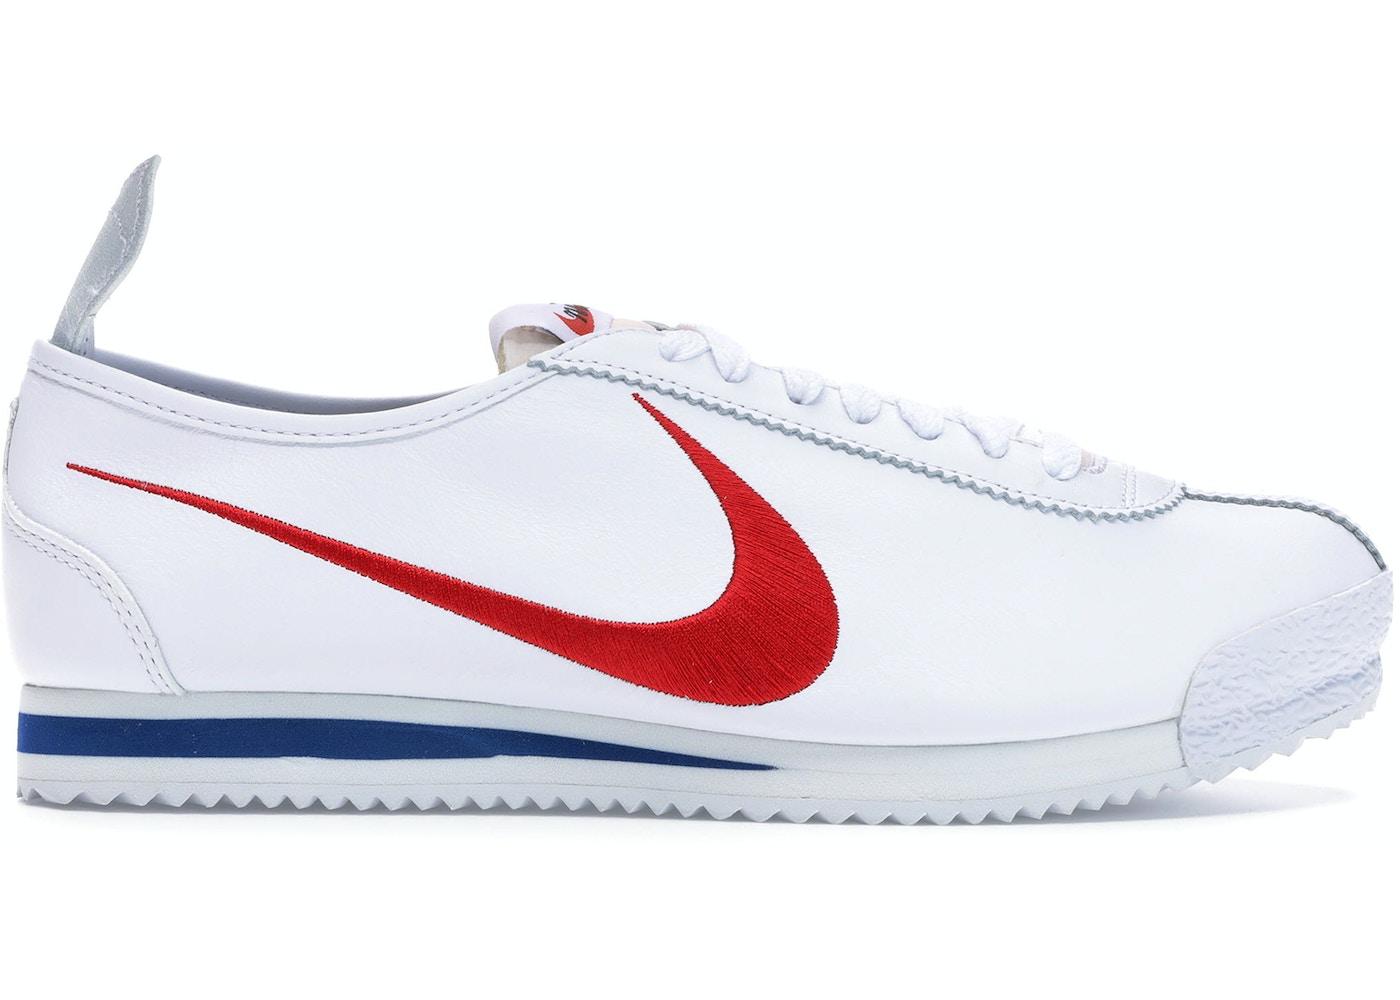 buy online 23ec4 5b765 Nike Cortez 72 Shoe Dog OG Slim Swoosh